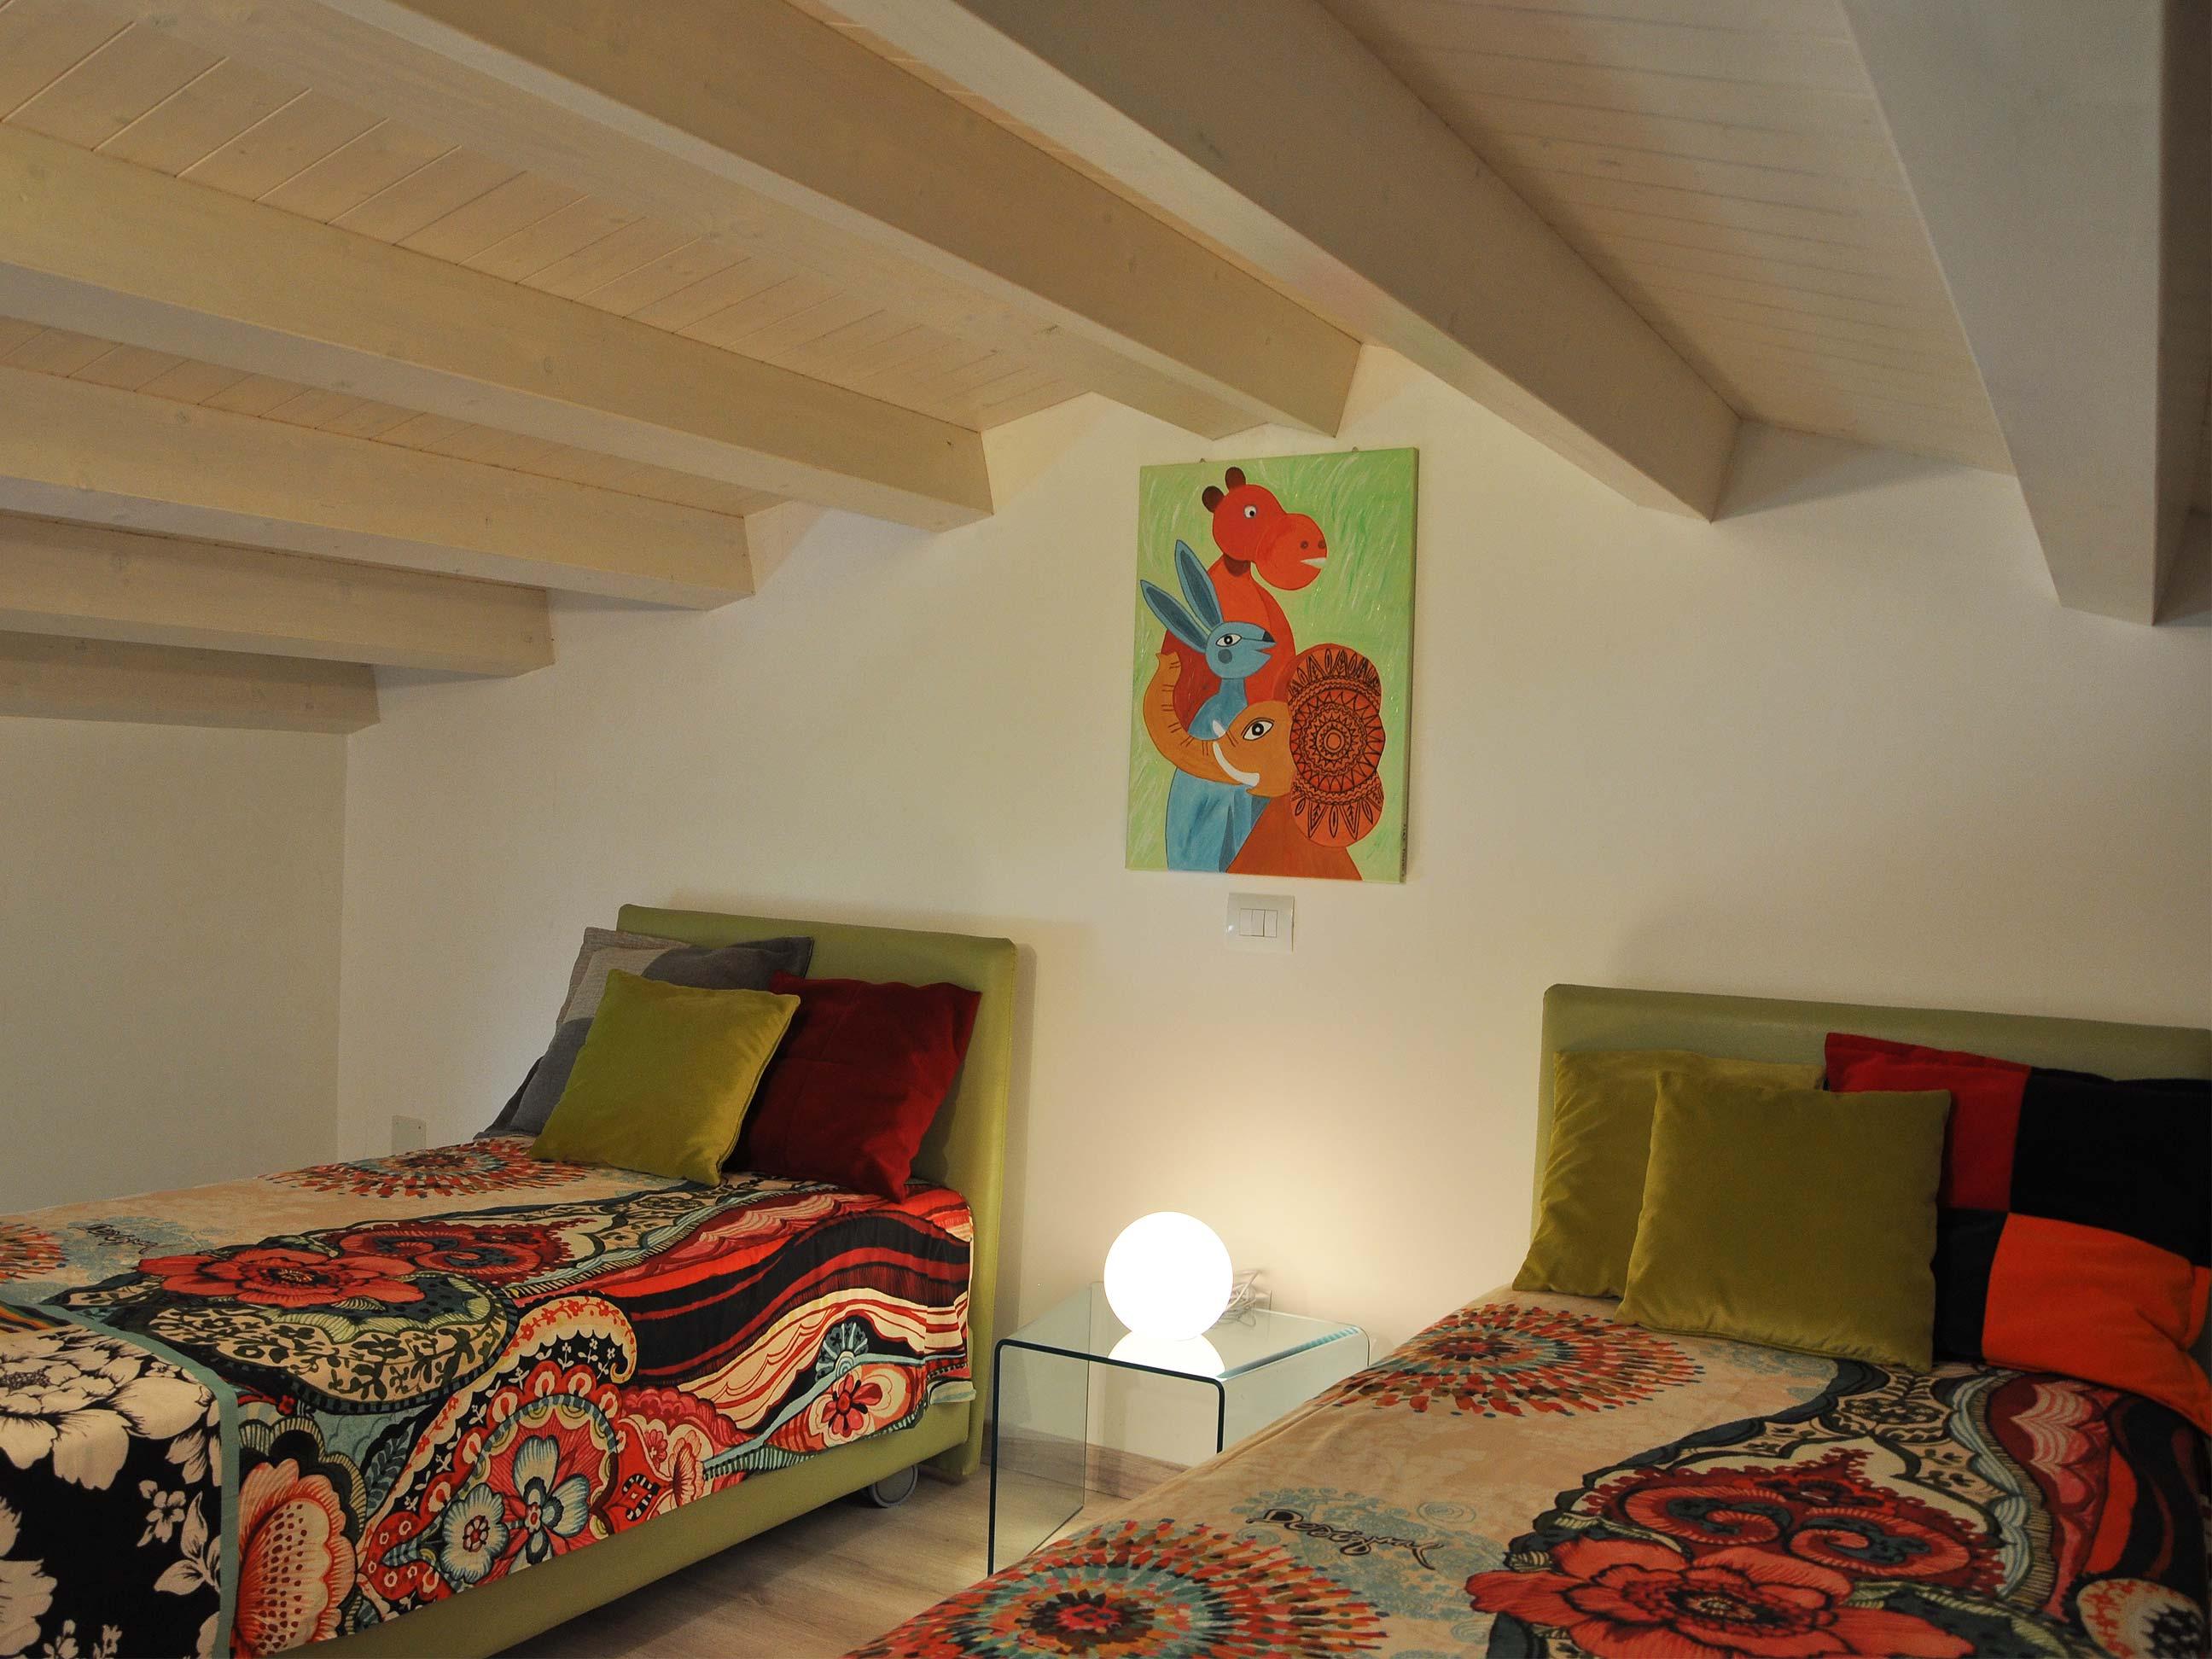 Khirat-Menfi-bedroom-16